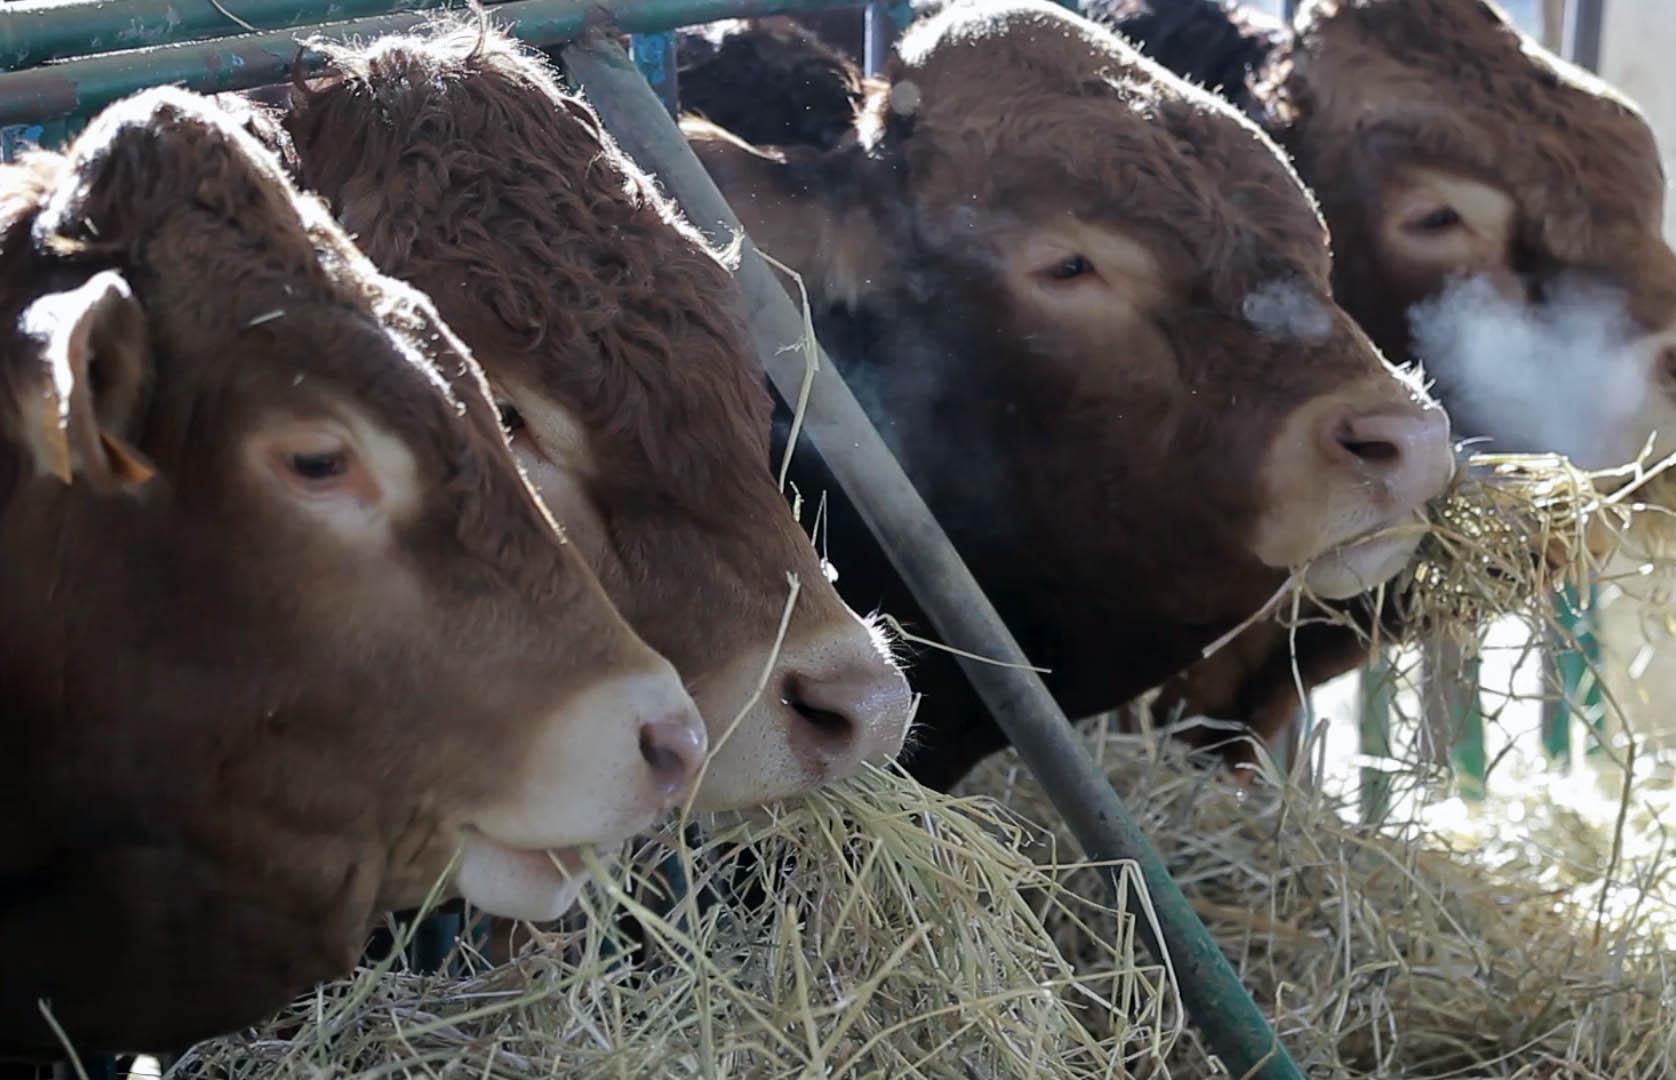 Vayavaca acuerda con GAM la compraventa de maquinaria en su plataforma de igual manera que se viene realizando con el ganado